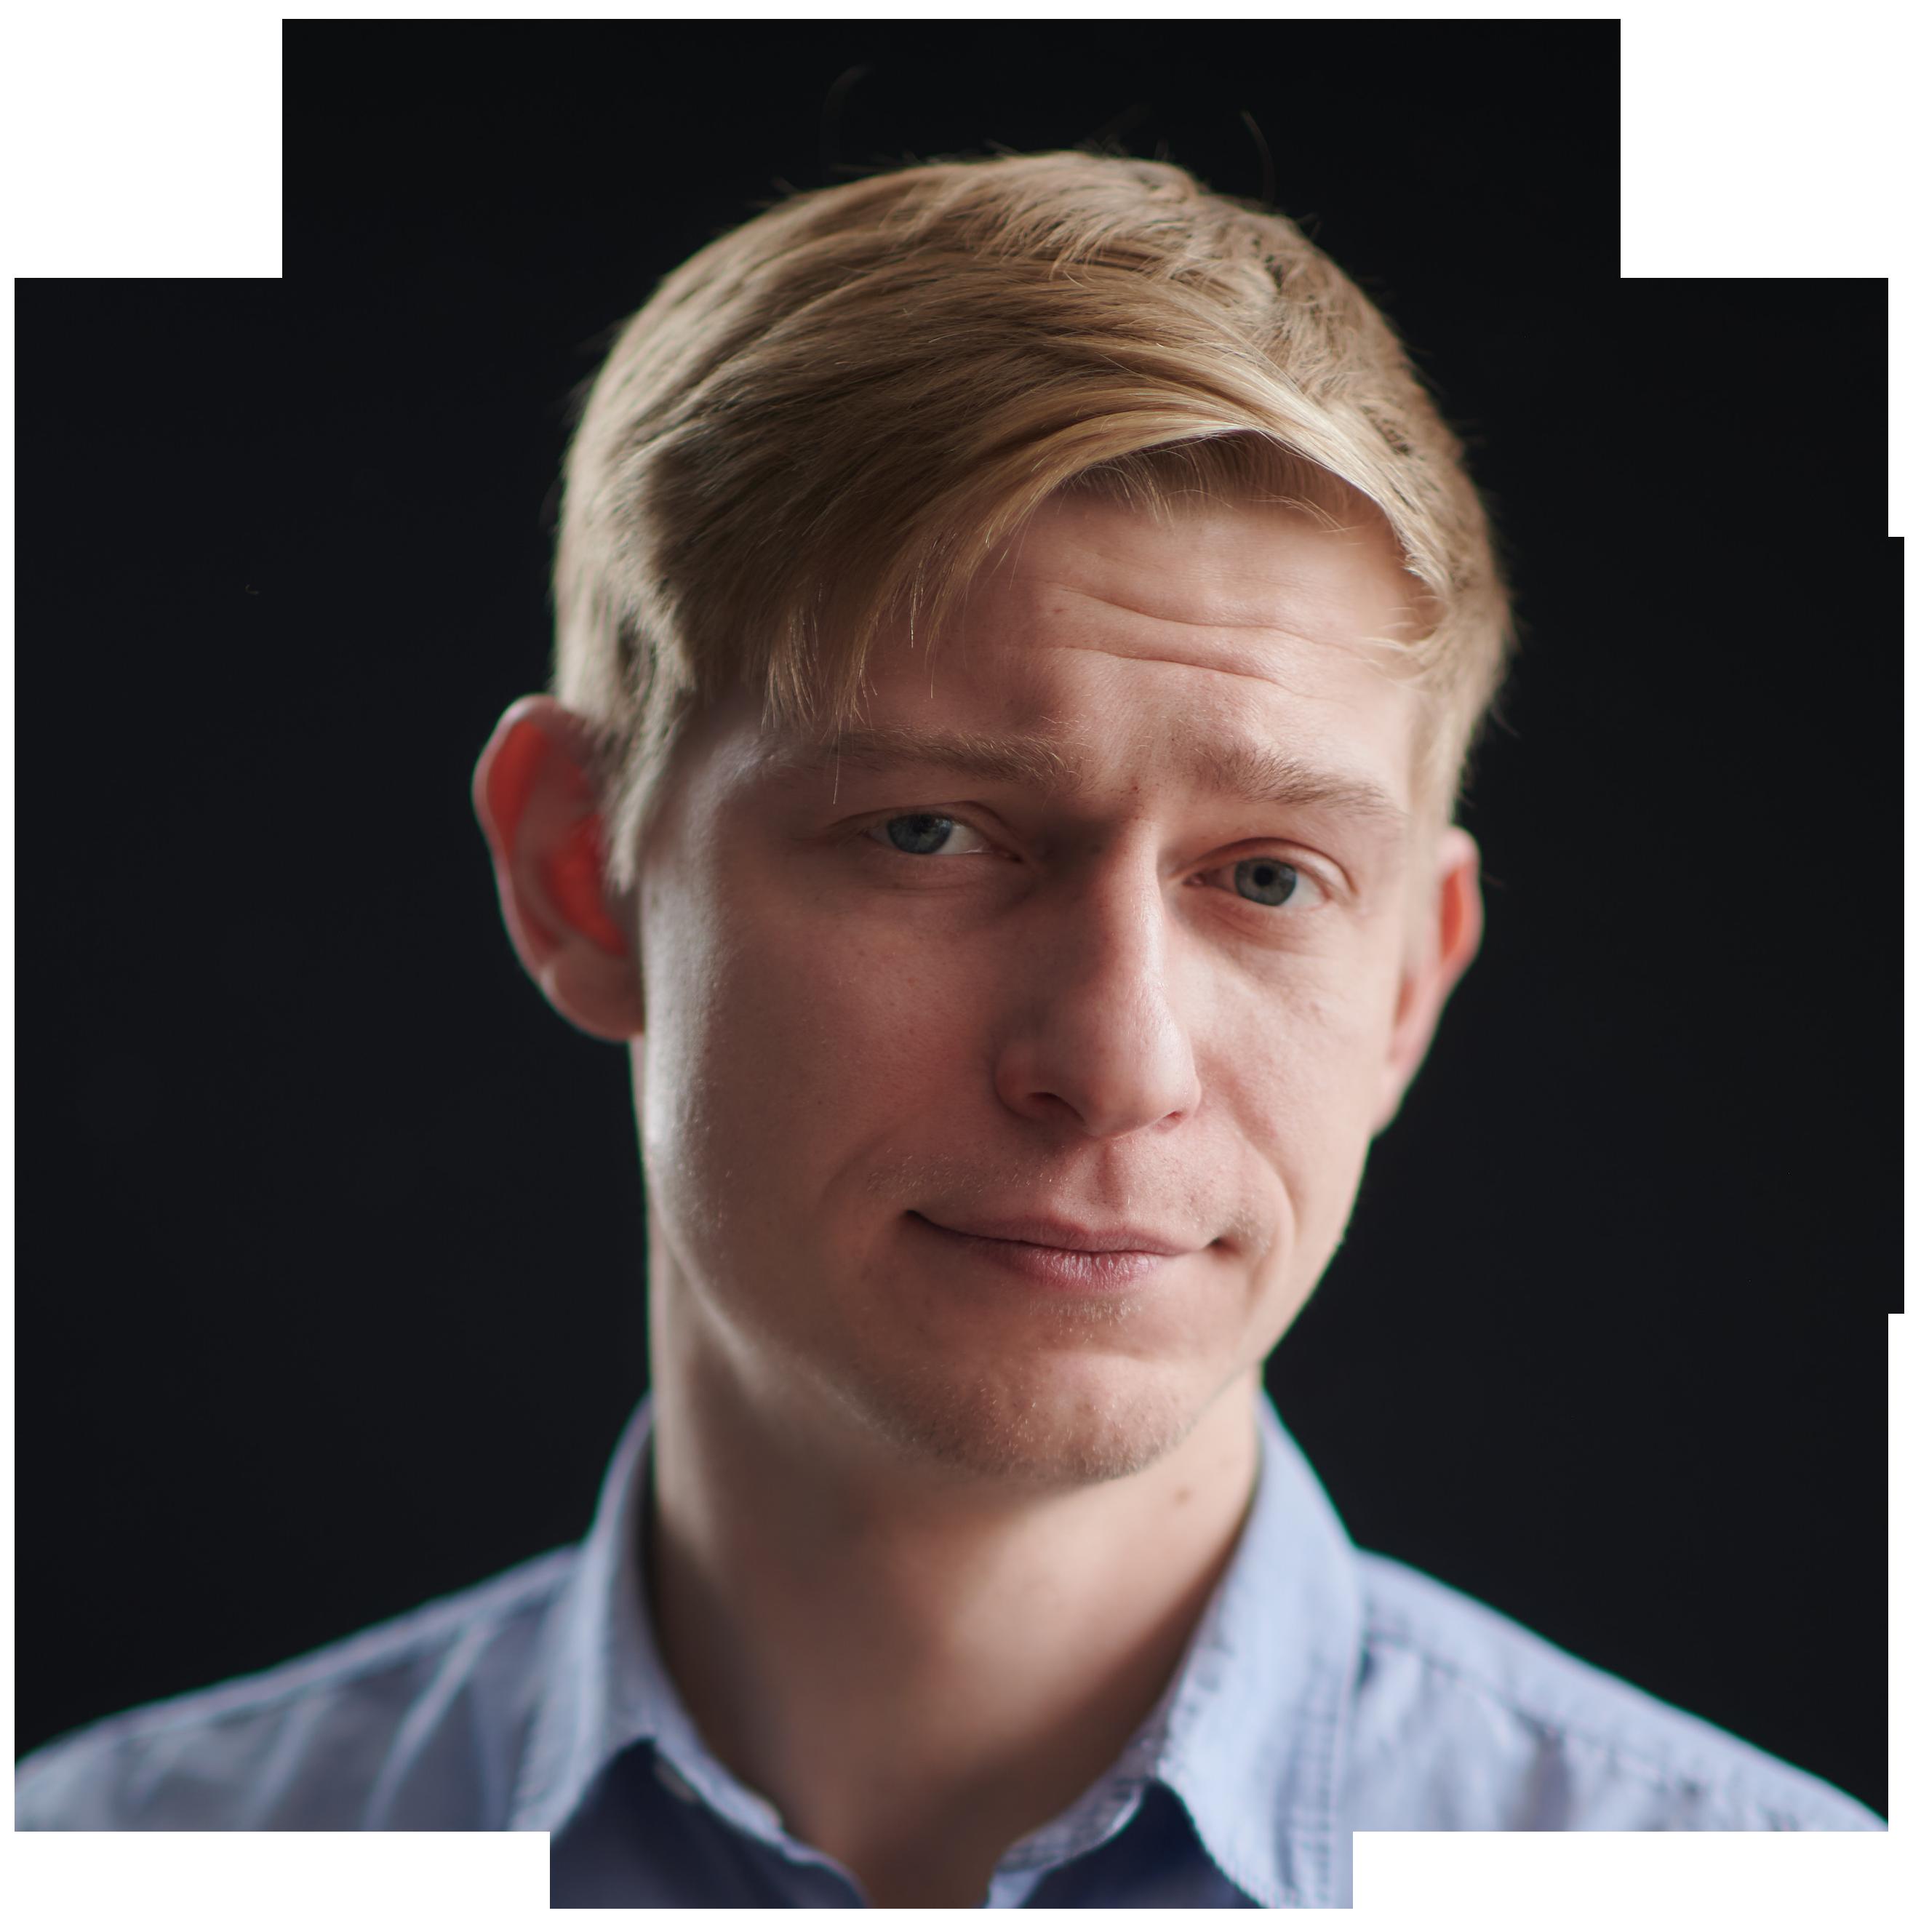 Андрей Благов, руководитель проектов Email Soldiers